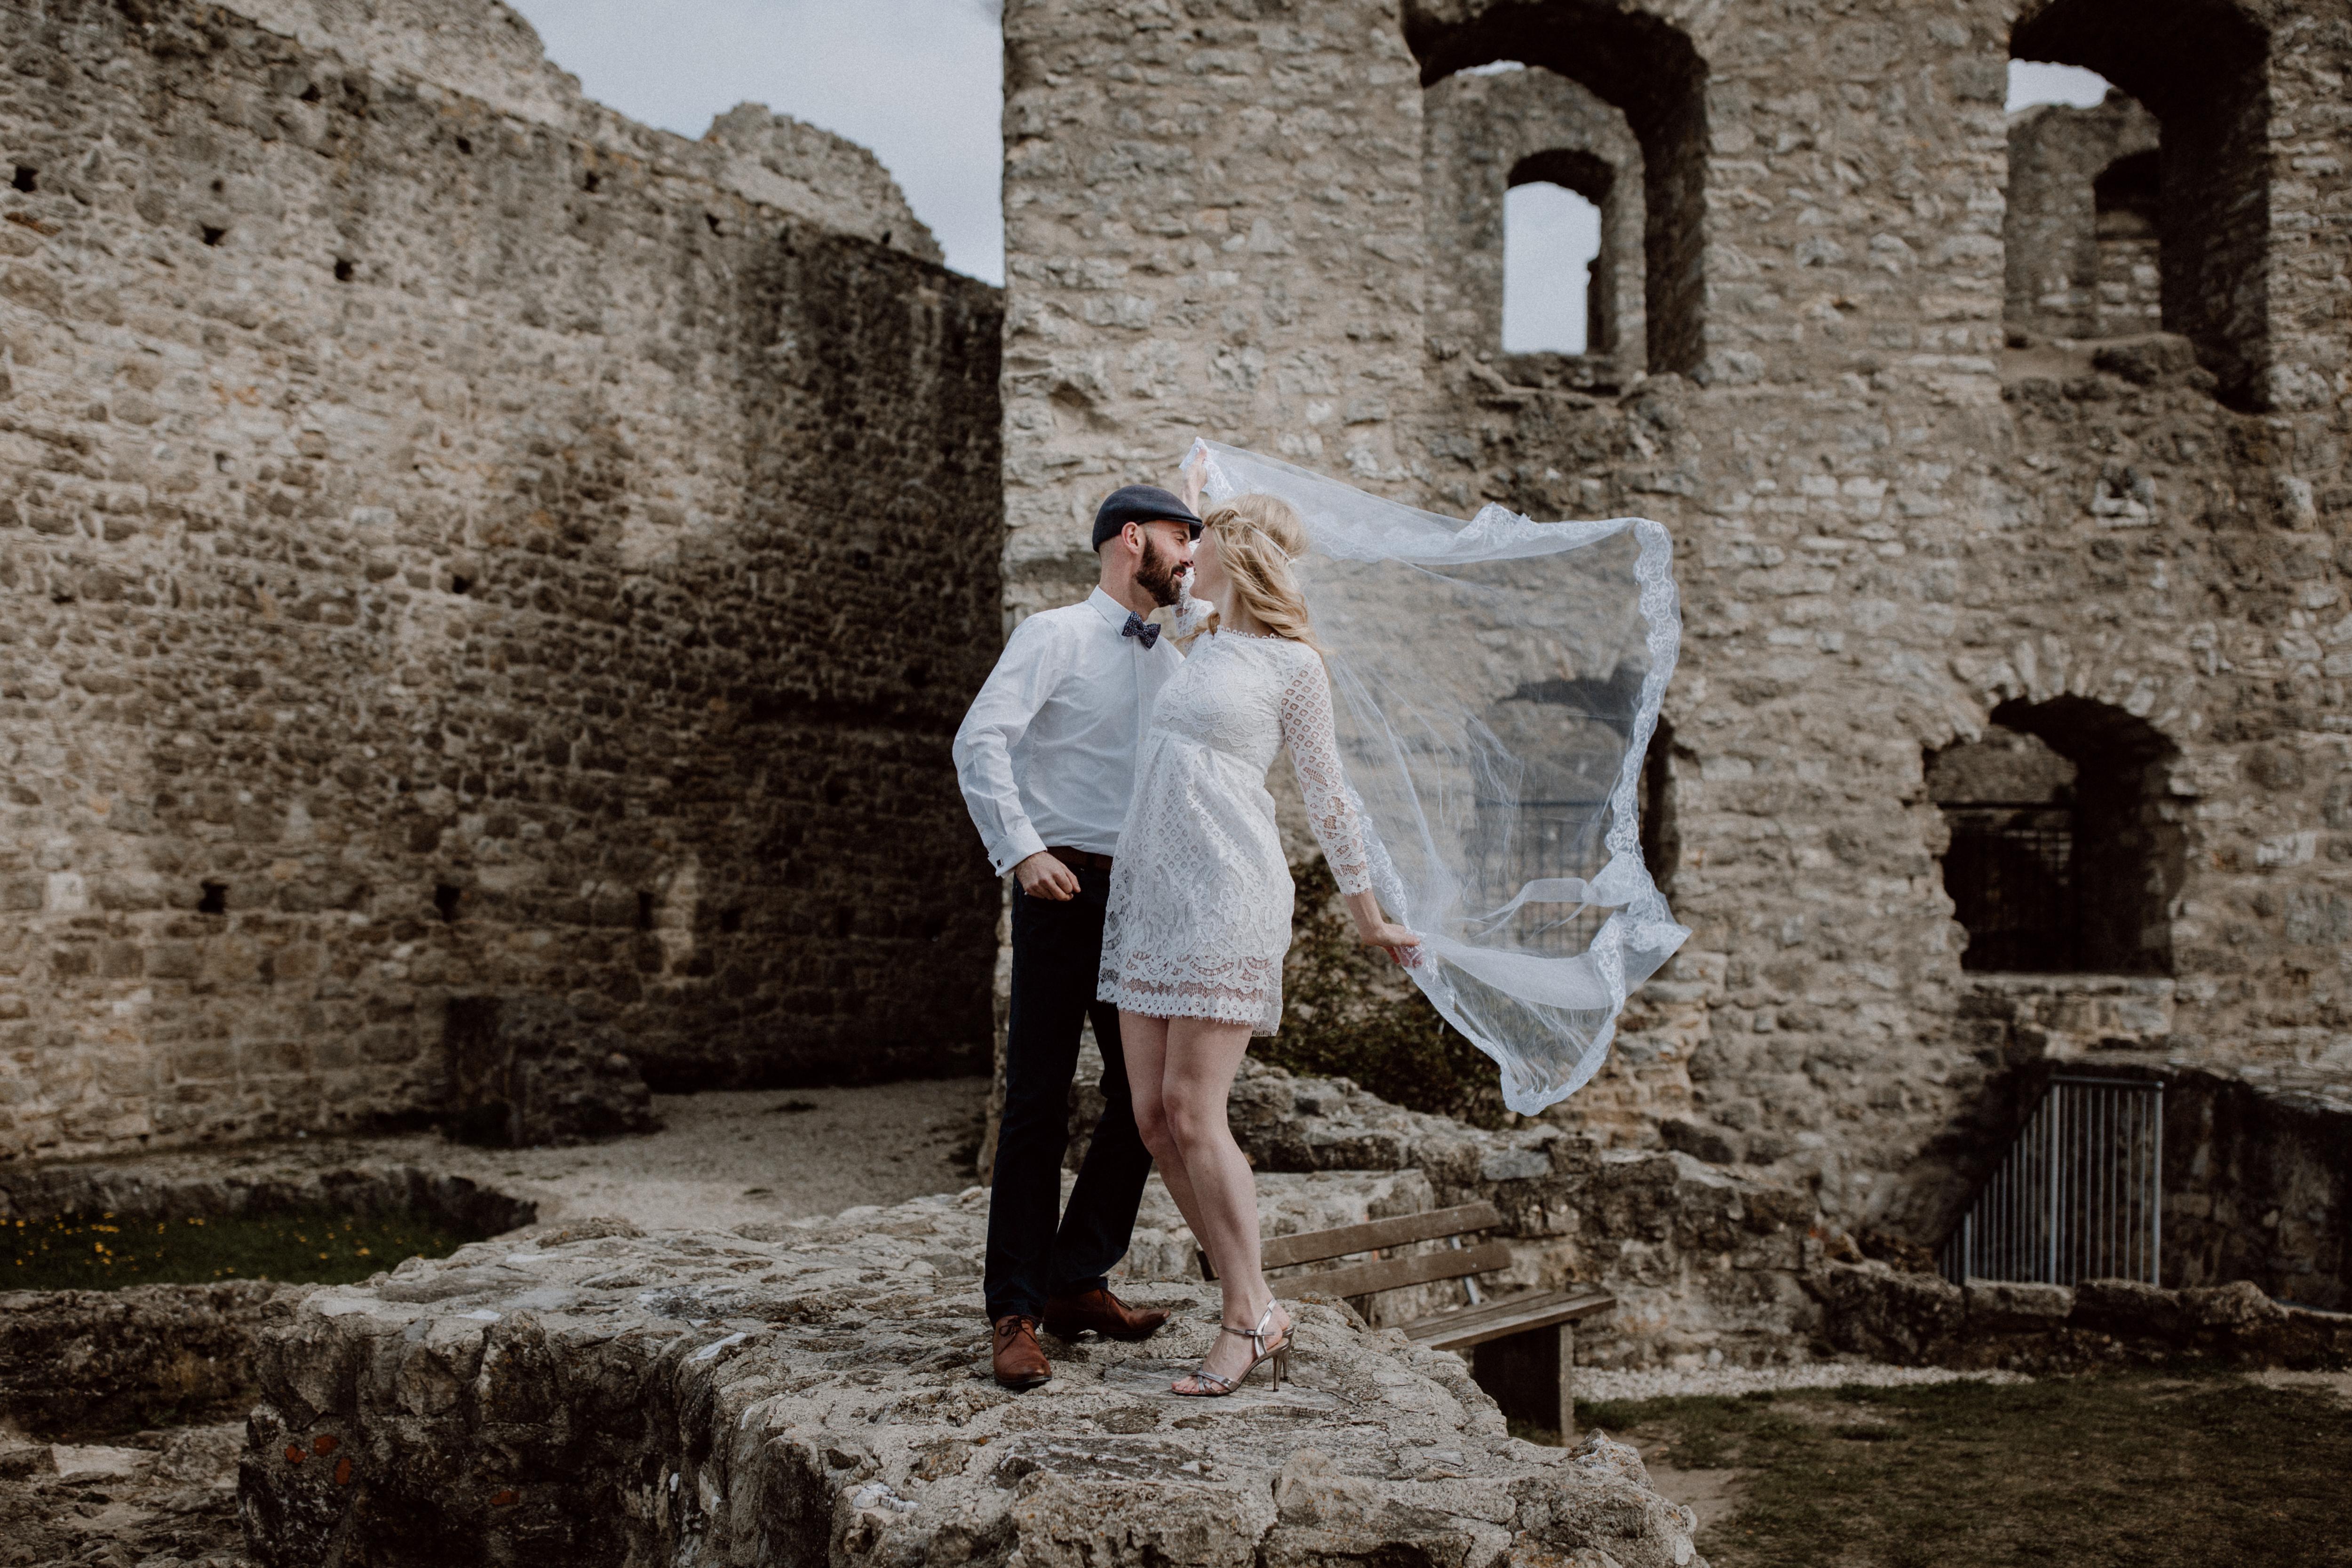 URBANERIE_Daniela_Goth_Hochzeitsfotografin_Nürnberg_Fürth_Erlangen_Schwabach_170415_001_0083